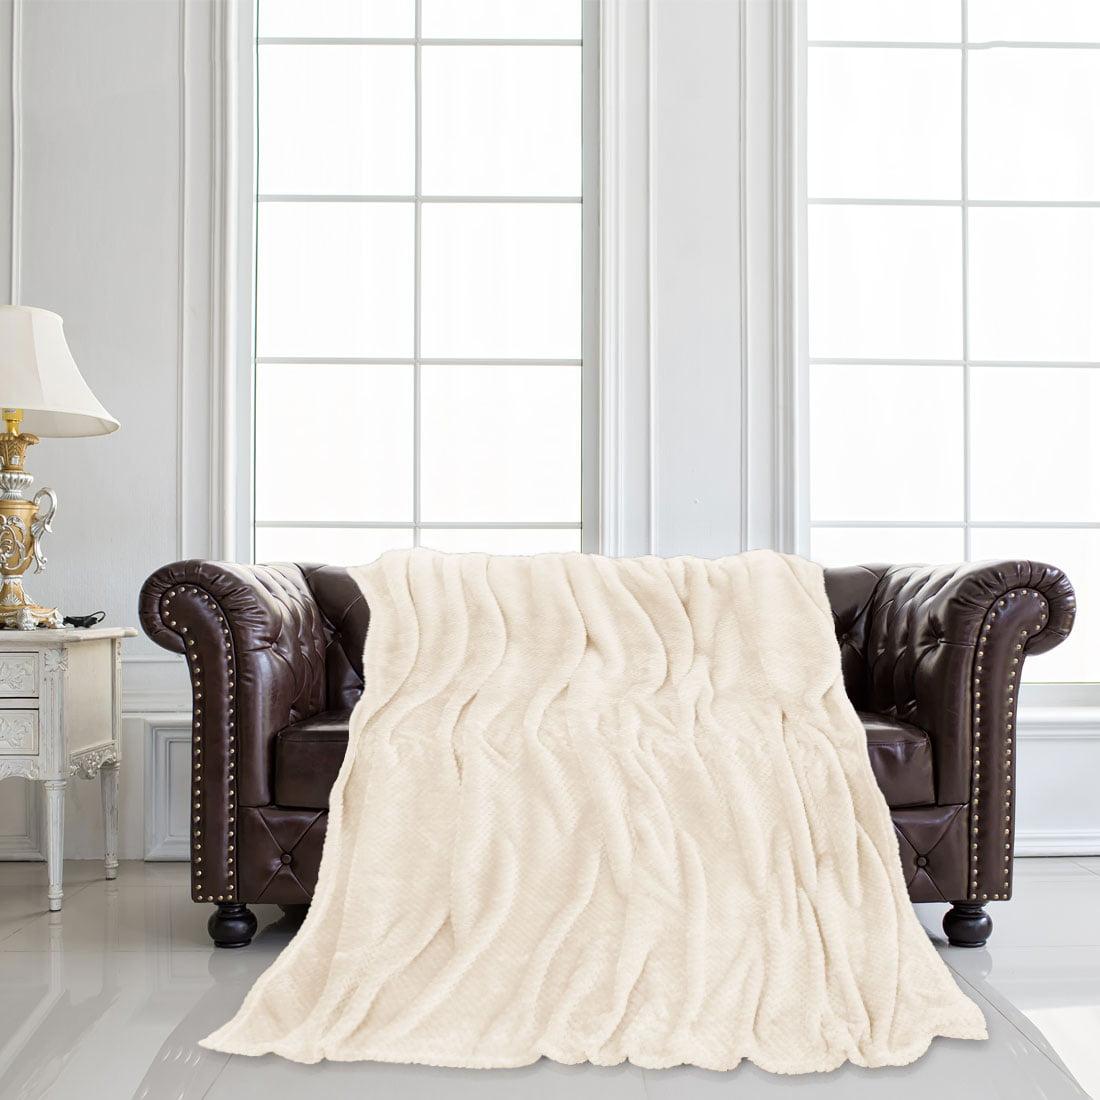 """Bed Blankets Mesh Soft Plush Fleece Blanket for Full Camel Color 70"""" x 78"""""""